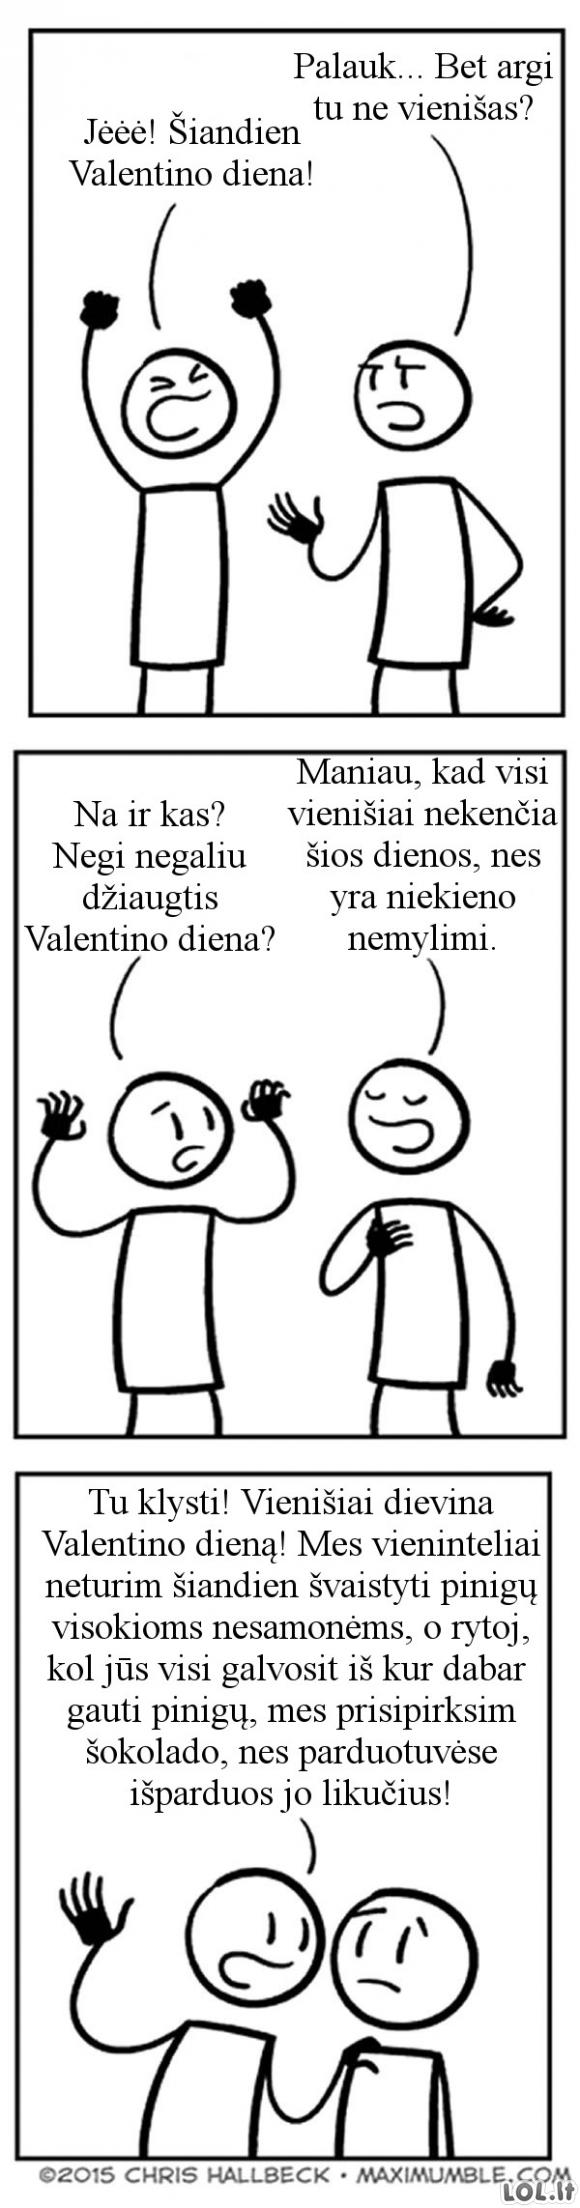 Kodėl vienišiams patinka Valentino diena?